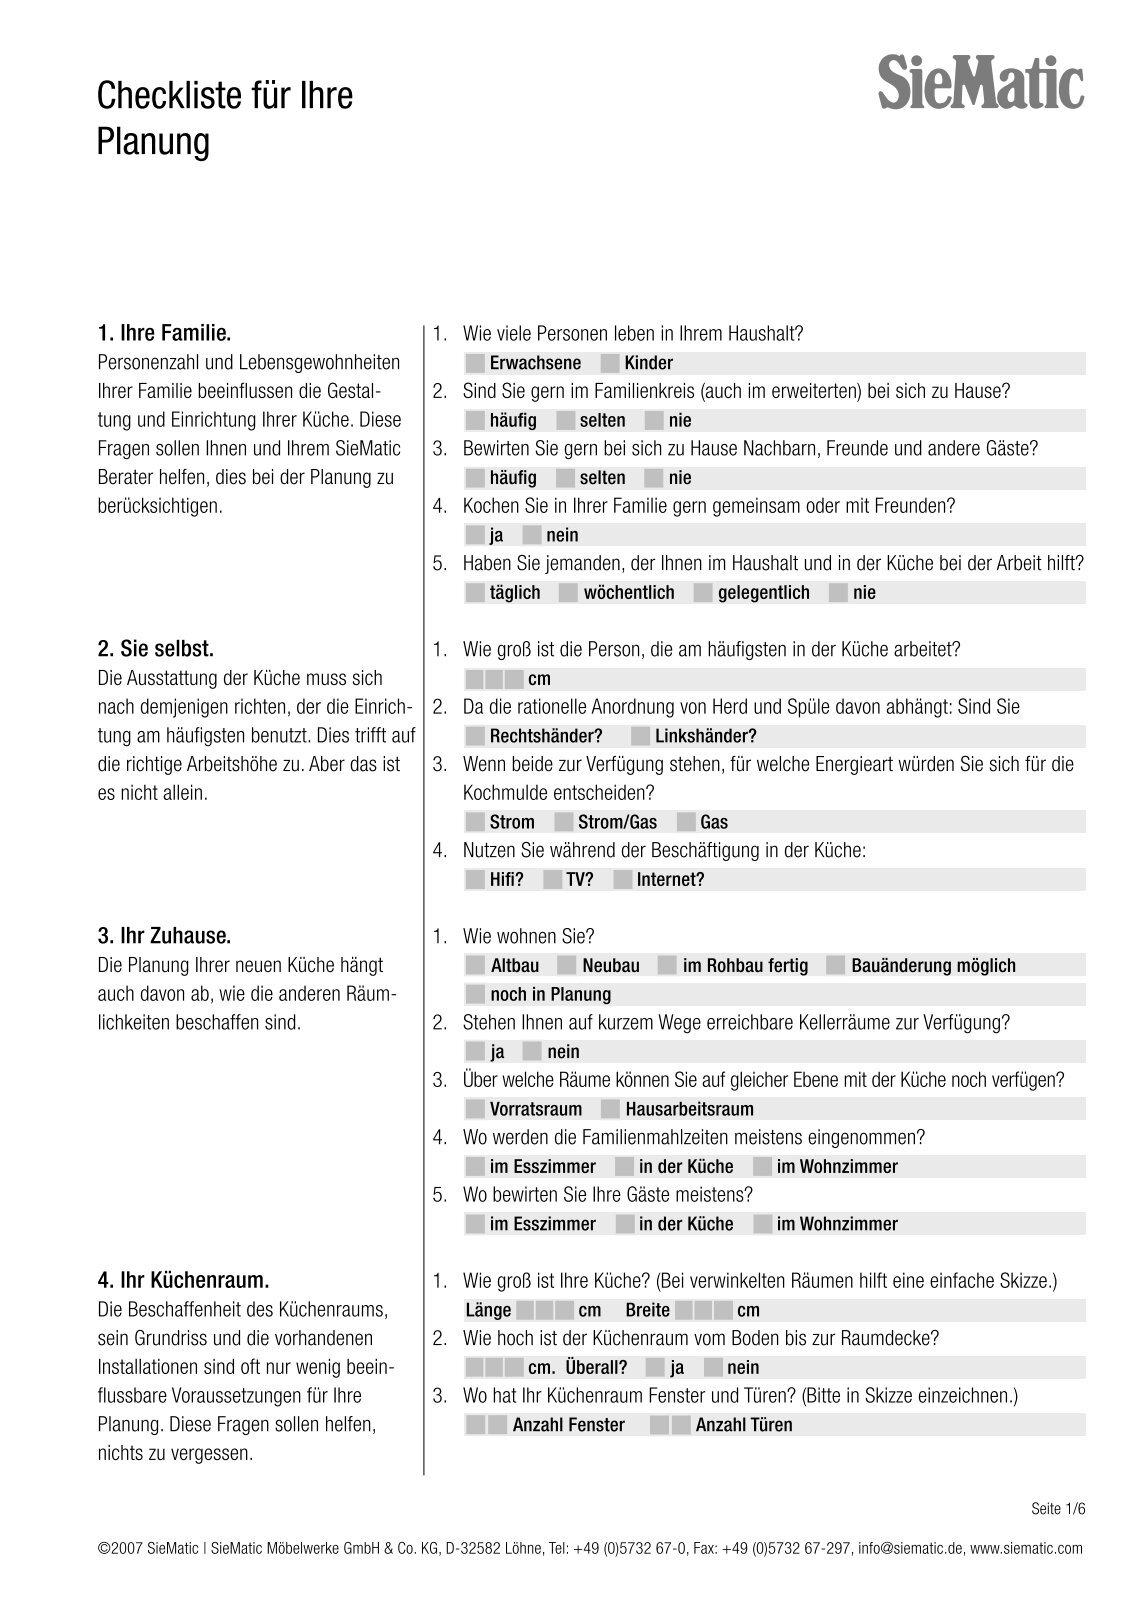 Atemberaubend Küche Versorgung Liste Für Neue Heimat Fotos - Küchen ...